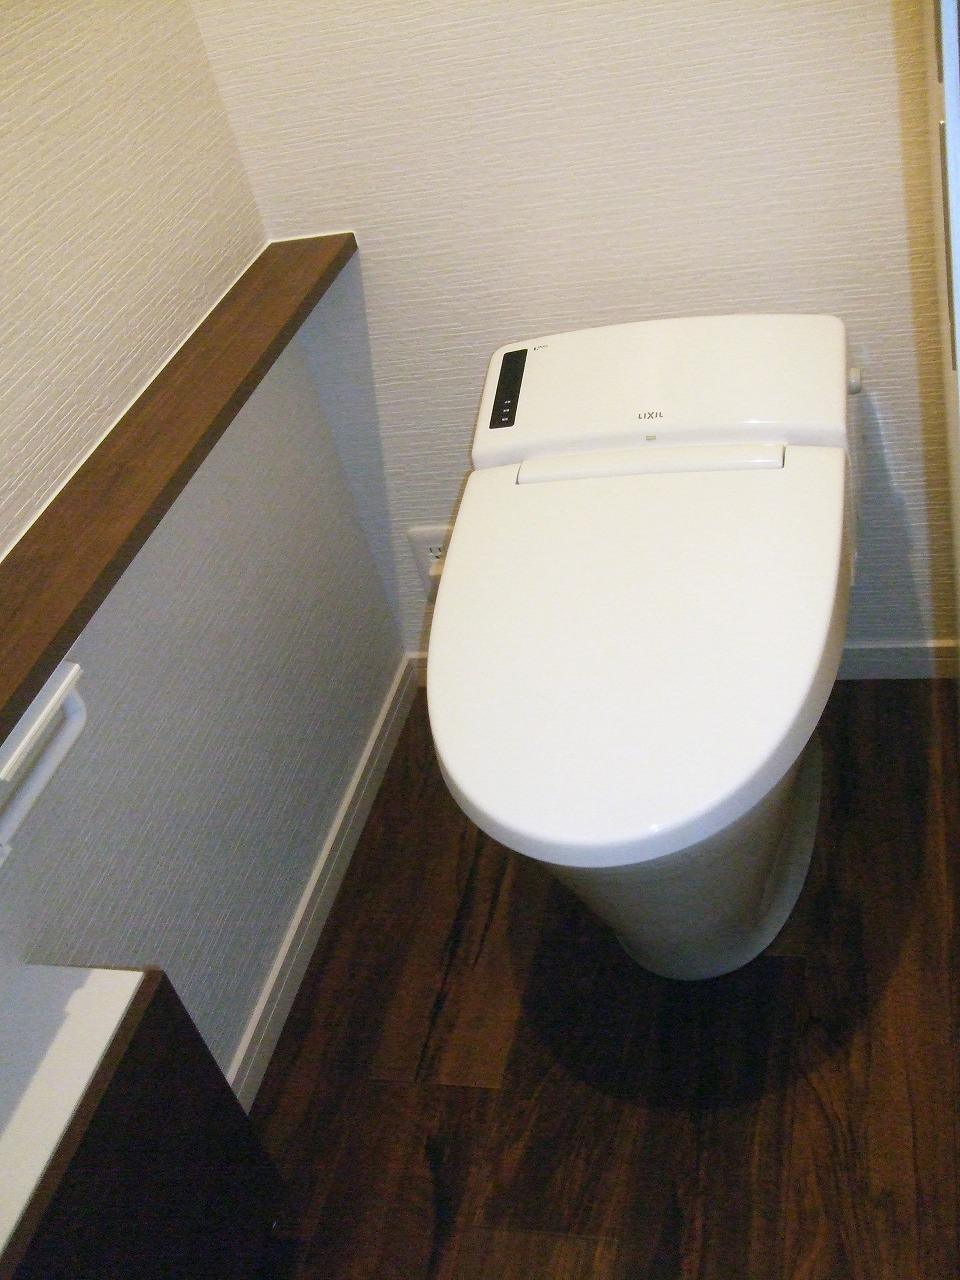 2つのトイレ掃除から1つに減りお掃除手間も減り快適